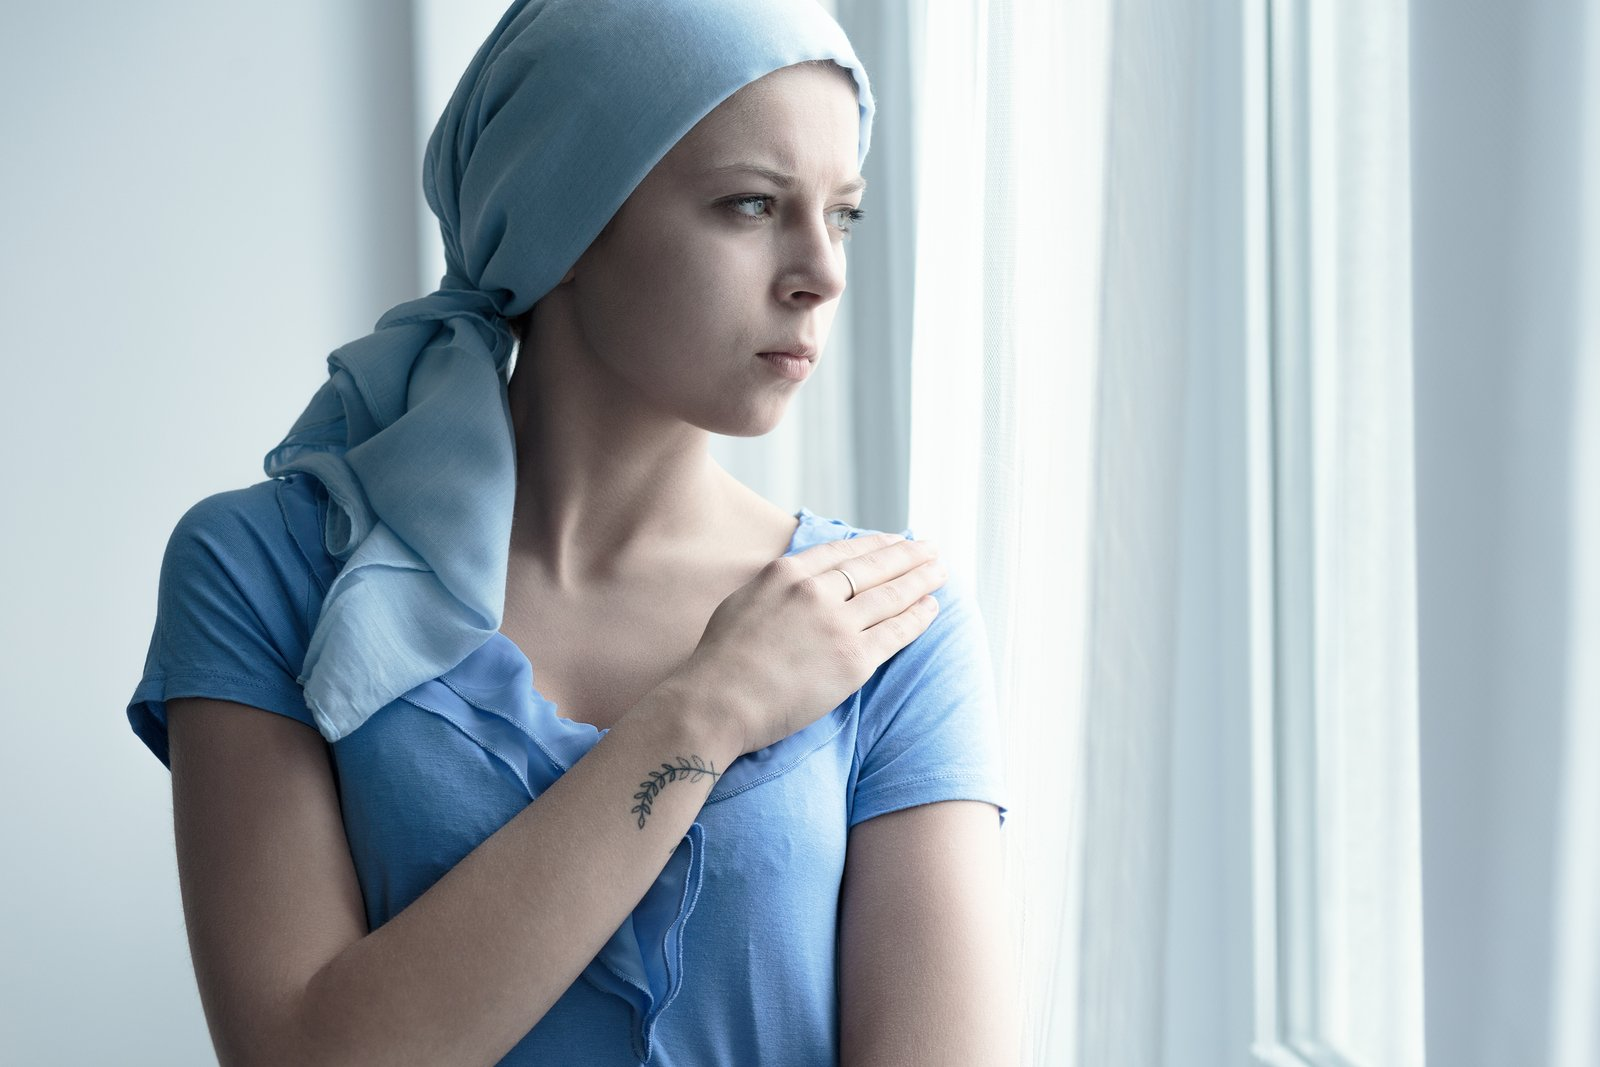 Παρθένος άντρας που βγαίνει με μια γυναίκα με καρκίνο